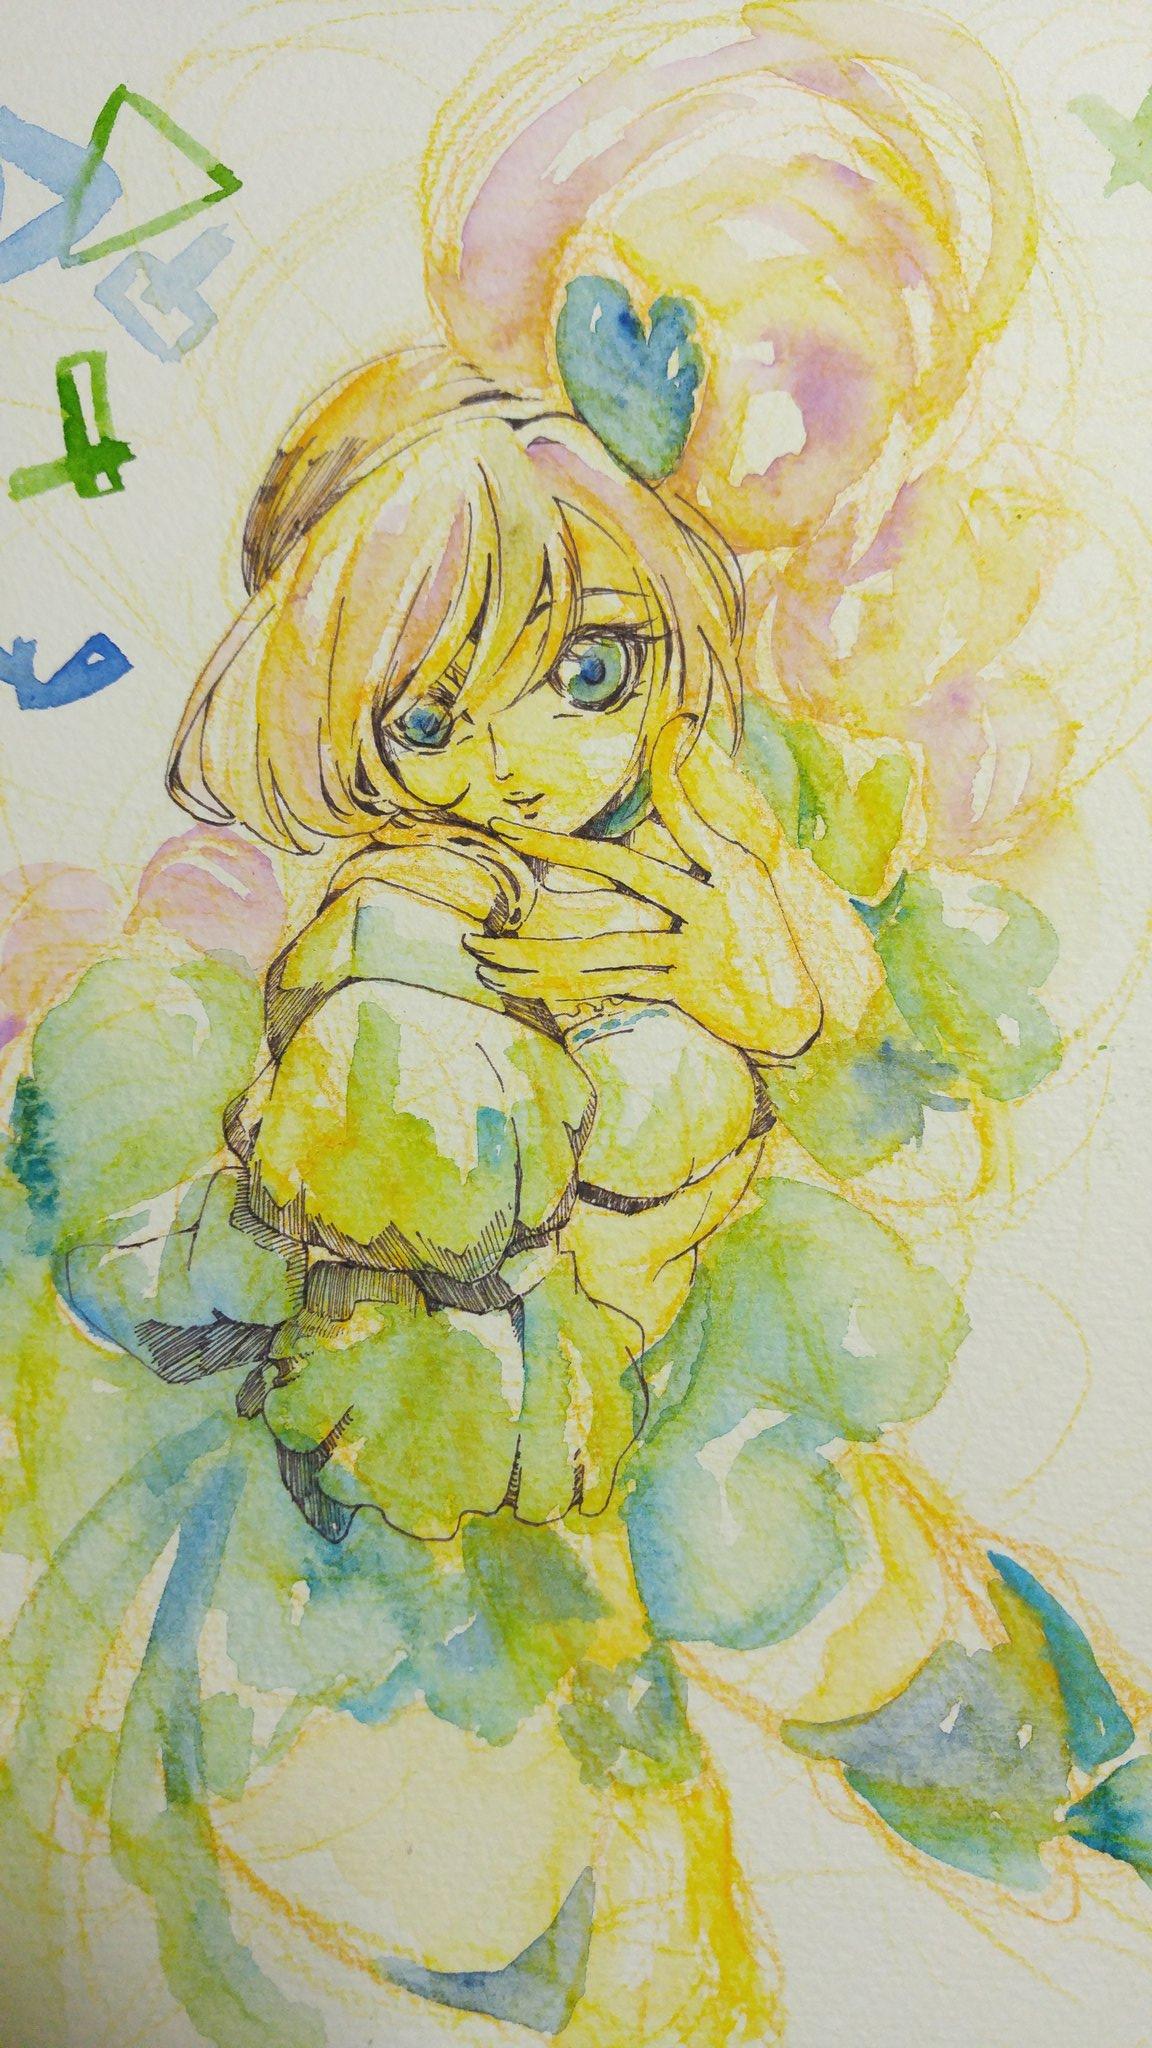 吾味蟲@低浮上 (@g_mi_)さんのイラスト